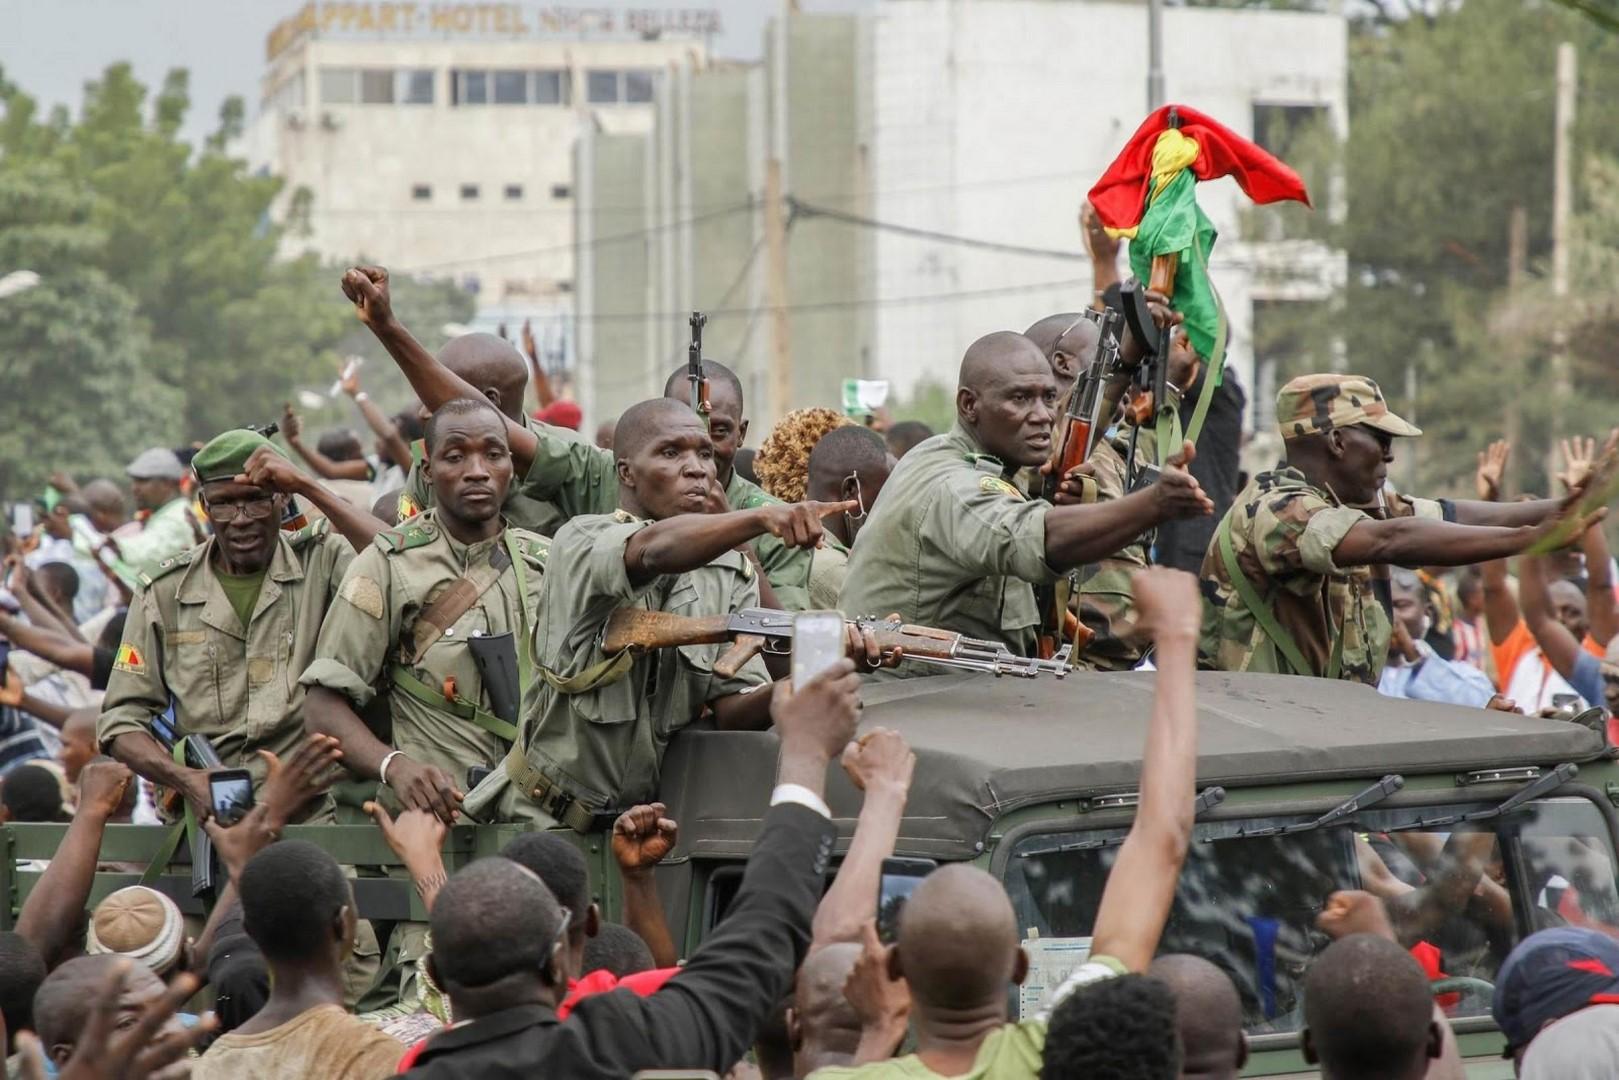 مجلس الأمن يضغط نحو سلطة مدنية في مالي